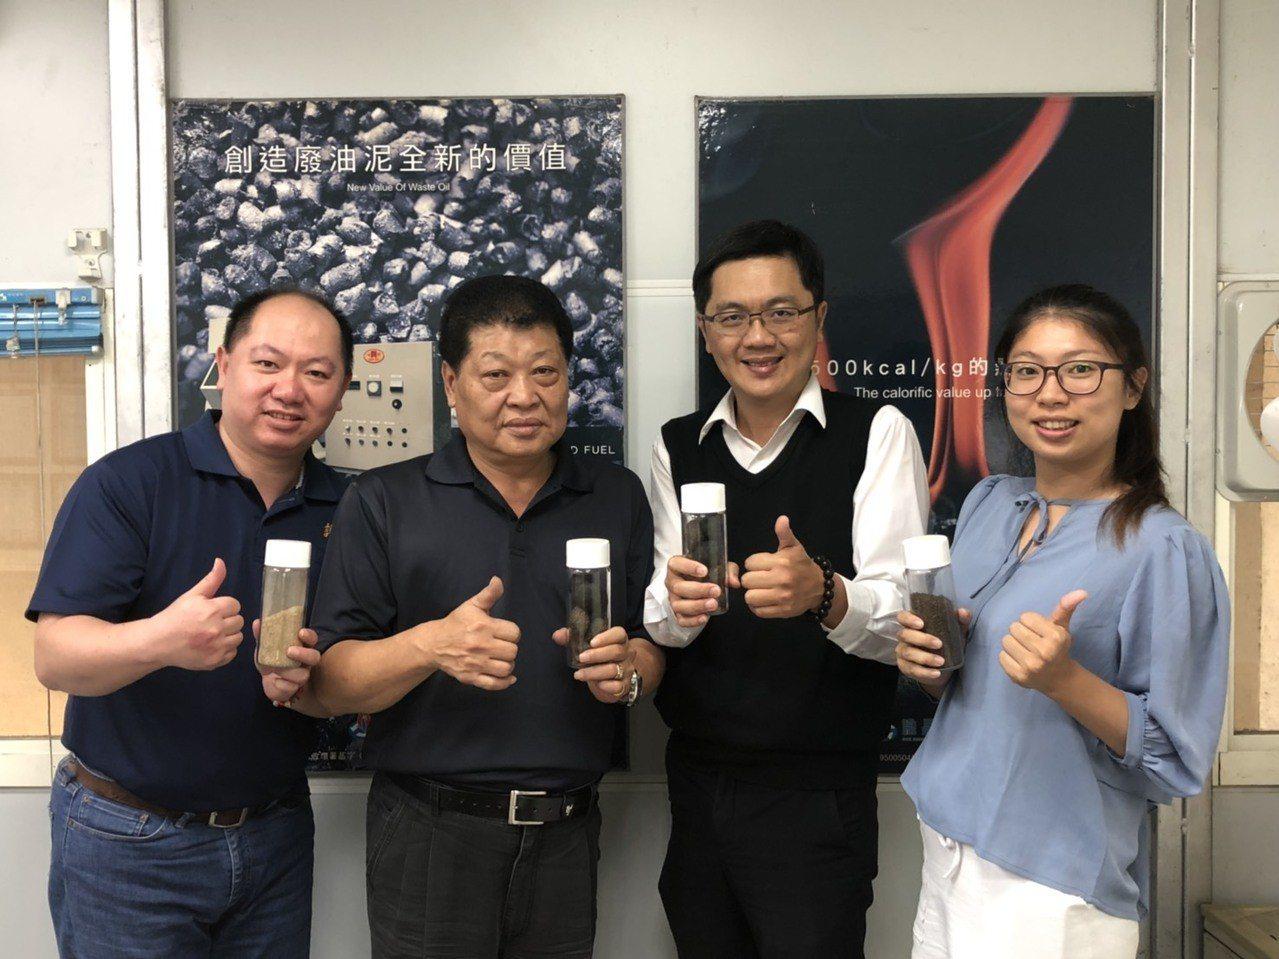 中華醫事科大教授郭益銘(右二)與業者團隊成功將生質廢油提煉成高熱能燃料,展示成品...